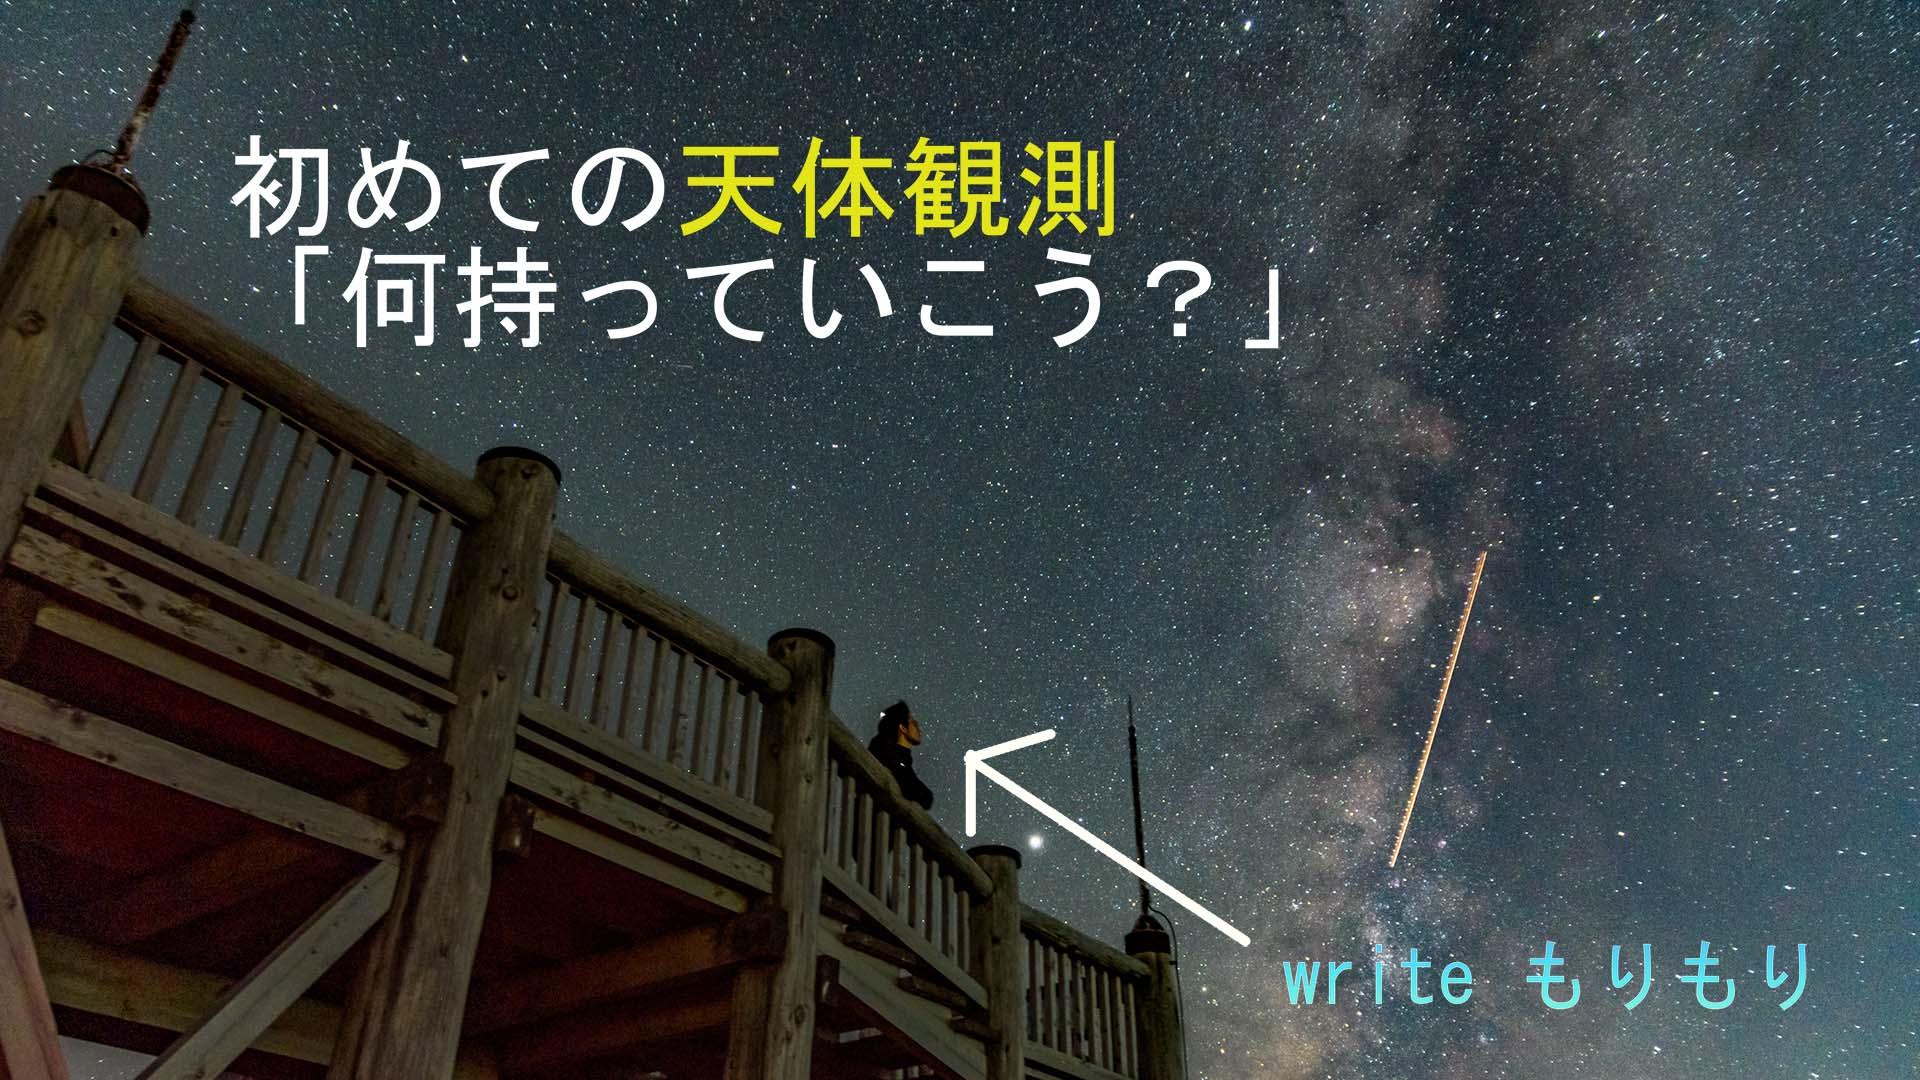 初めての天体観測「何持っていこう?」(✍もりもり)